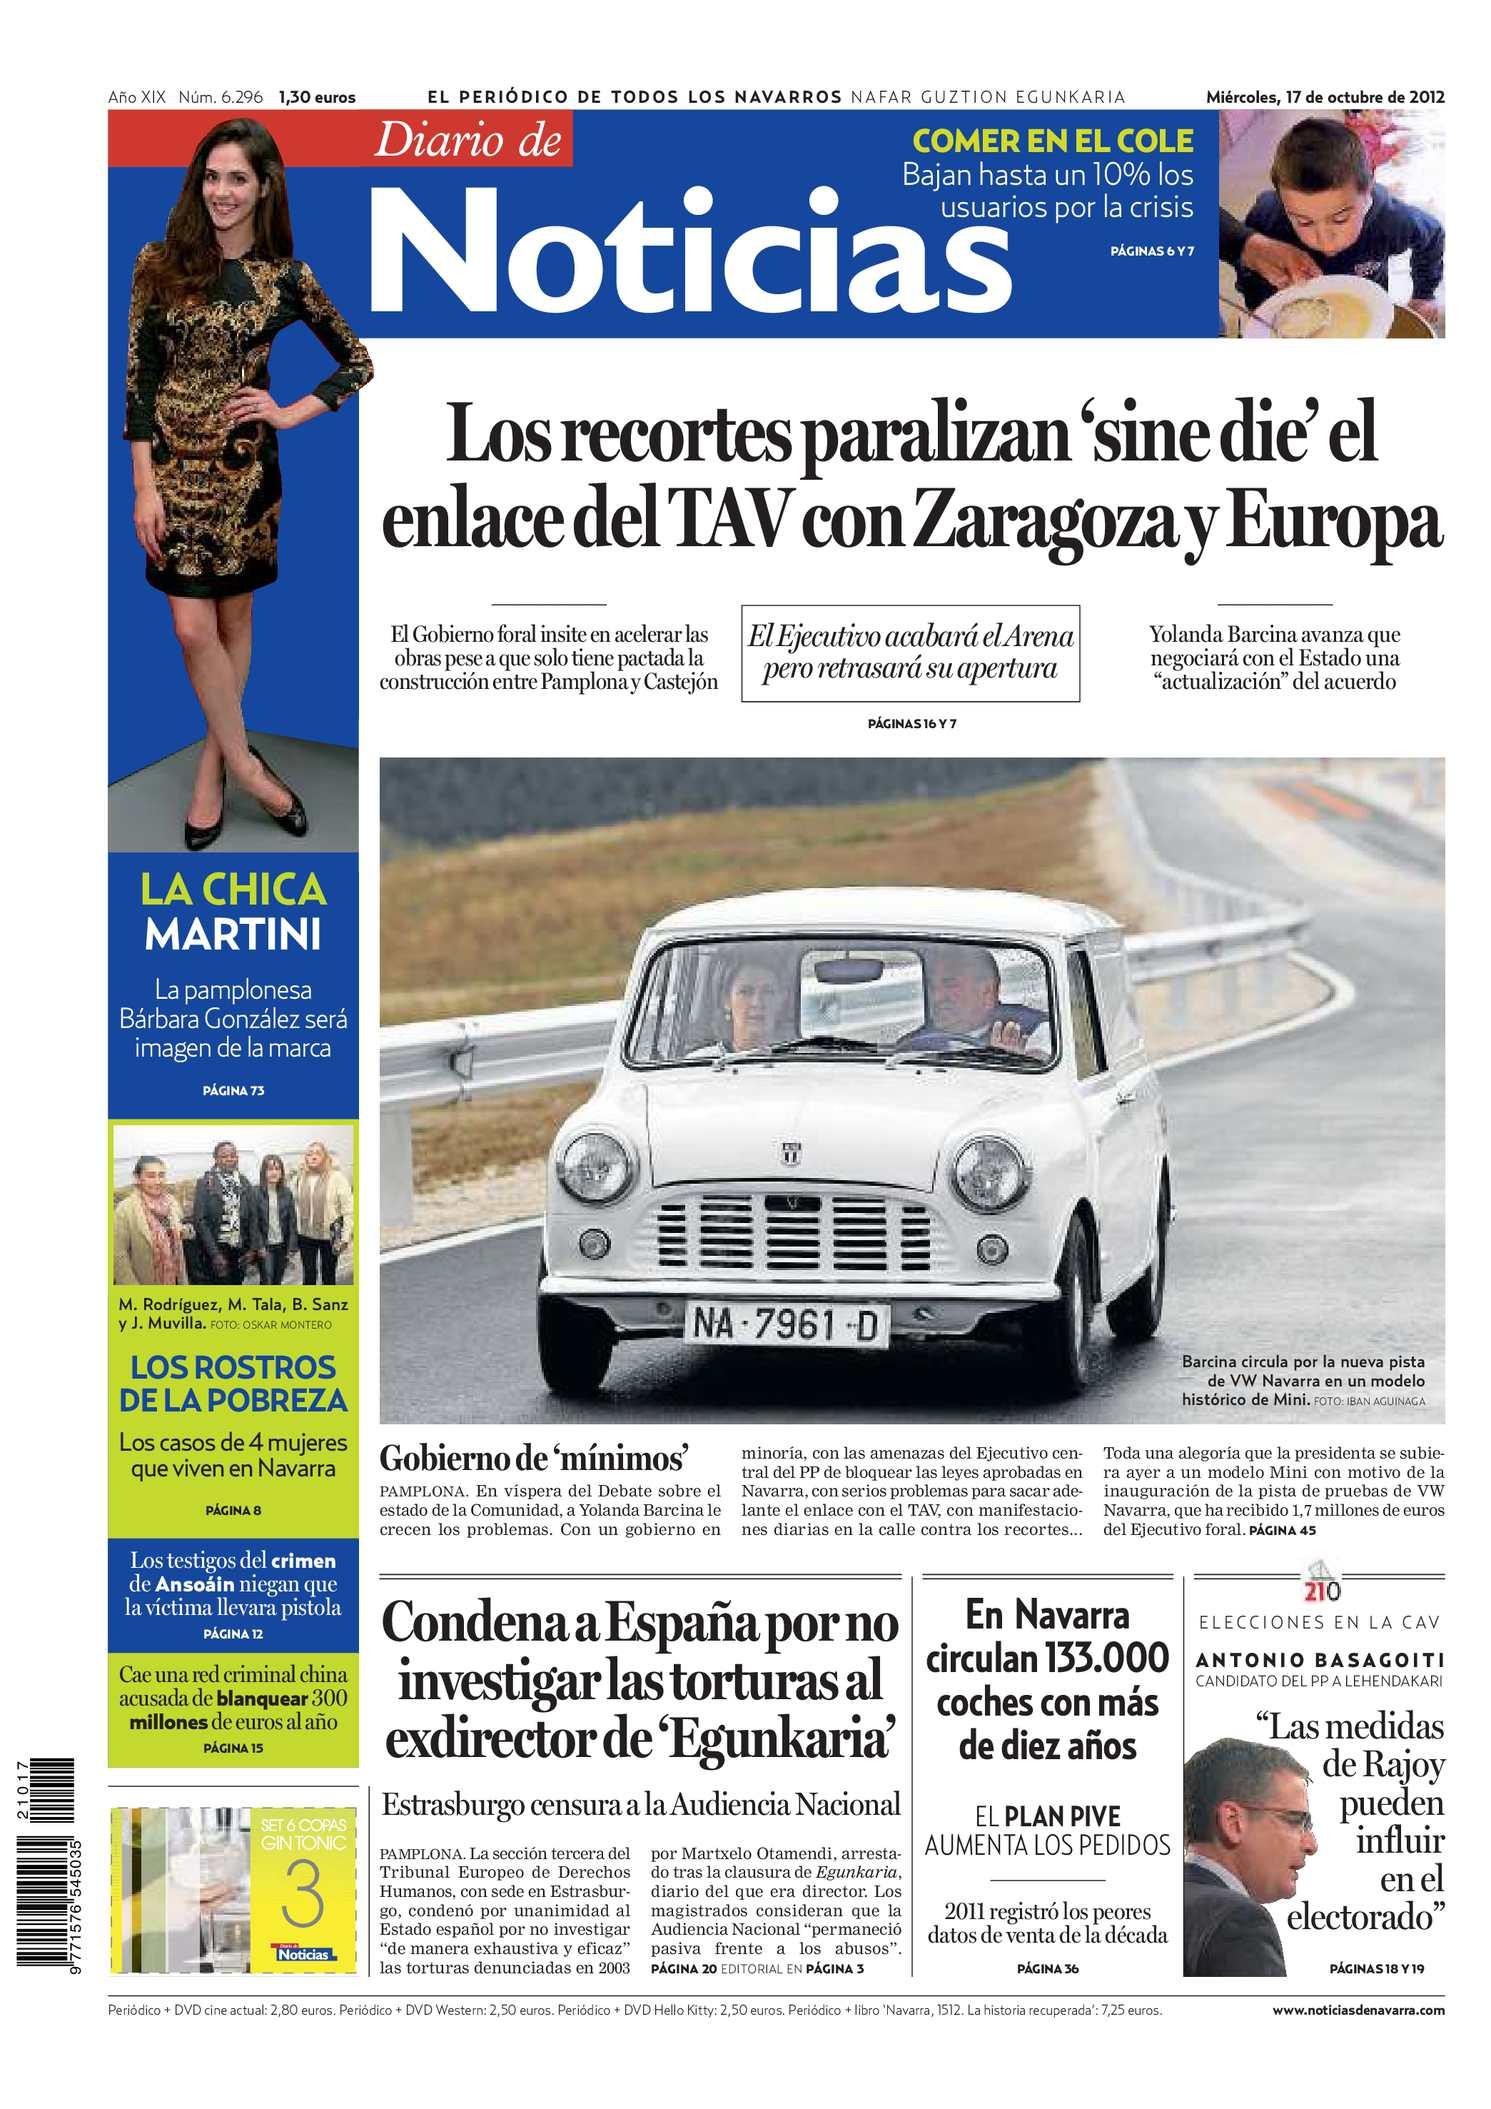 af147aaa37 Calaméo - Diario de Noticias 20121017